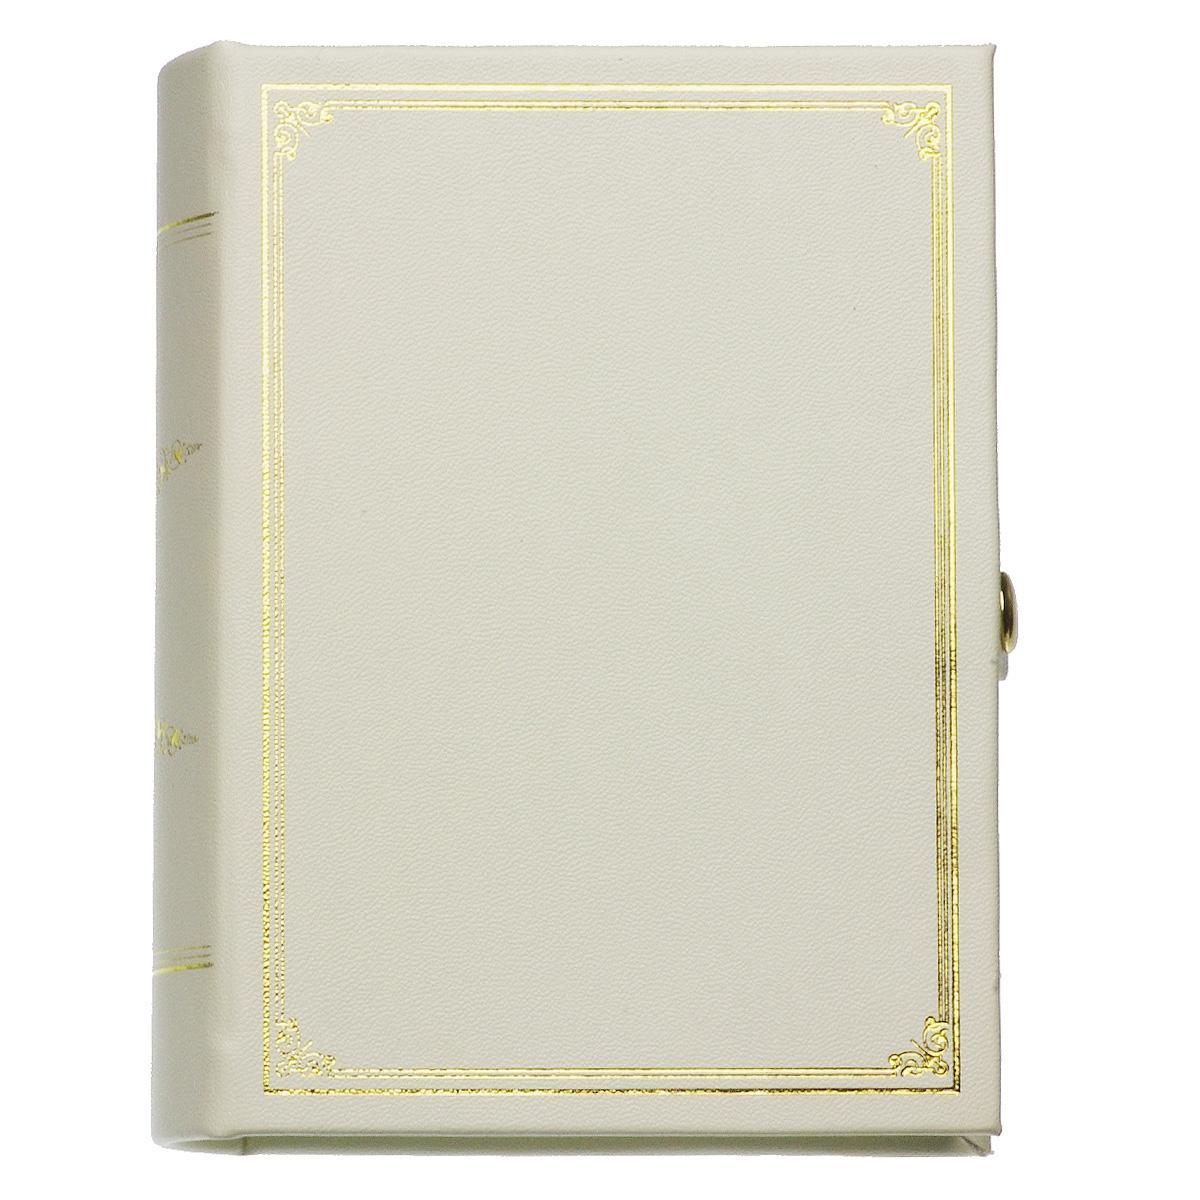 ブック型ジュエリーボックス ジュエリーケース 大容量 アクセサリーボックス トラベル ホワイトの写真